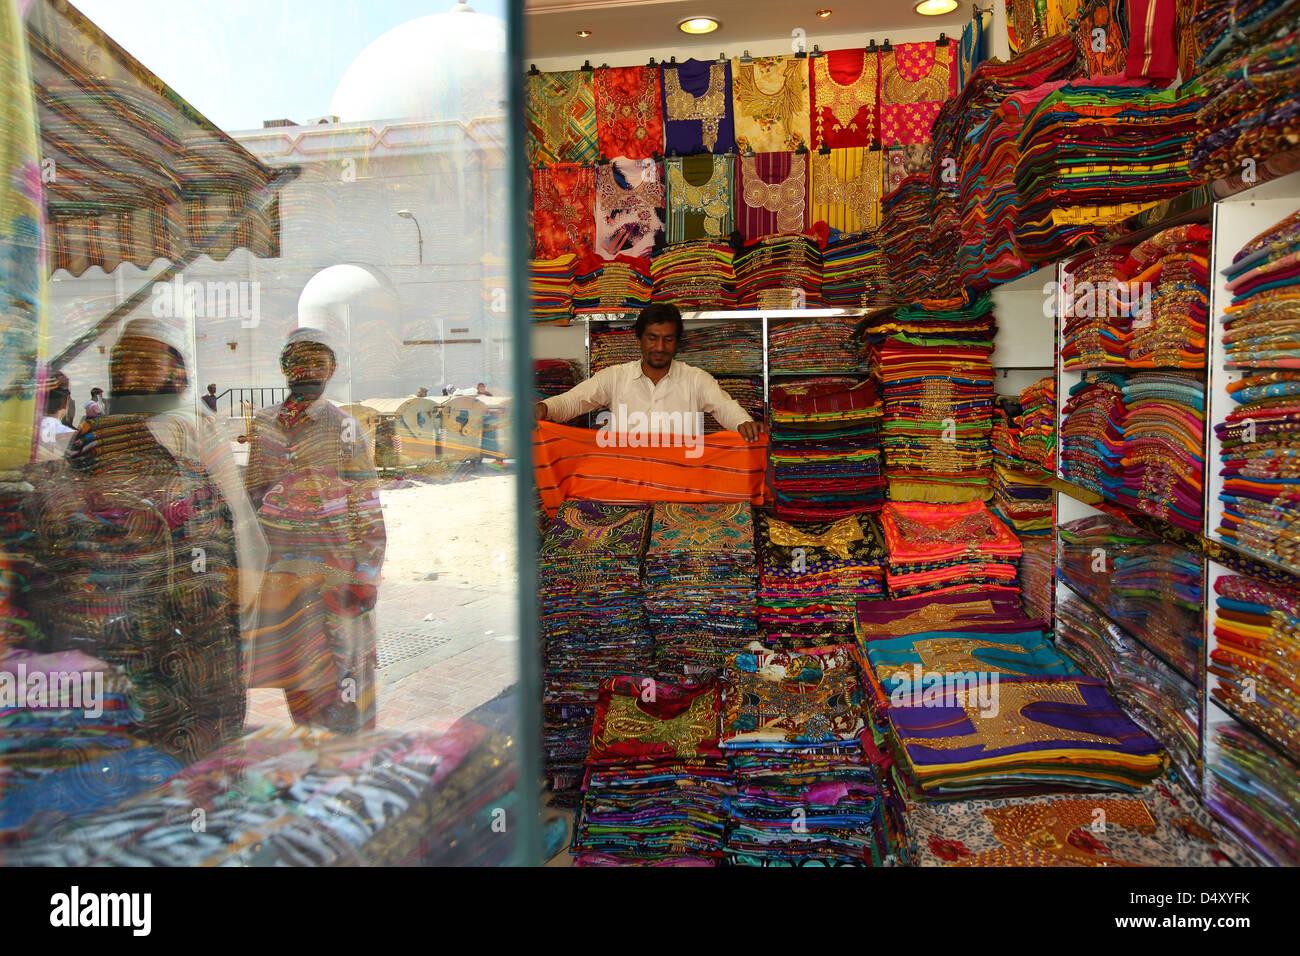 L'homme en tissu pliable boutique textile, Dubaï, Émirats Arabes Unis Photo Stock